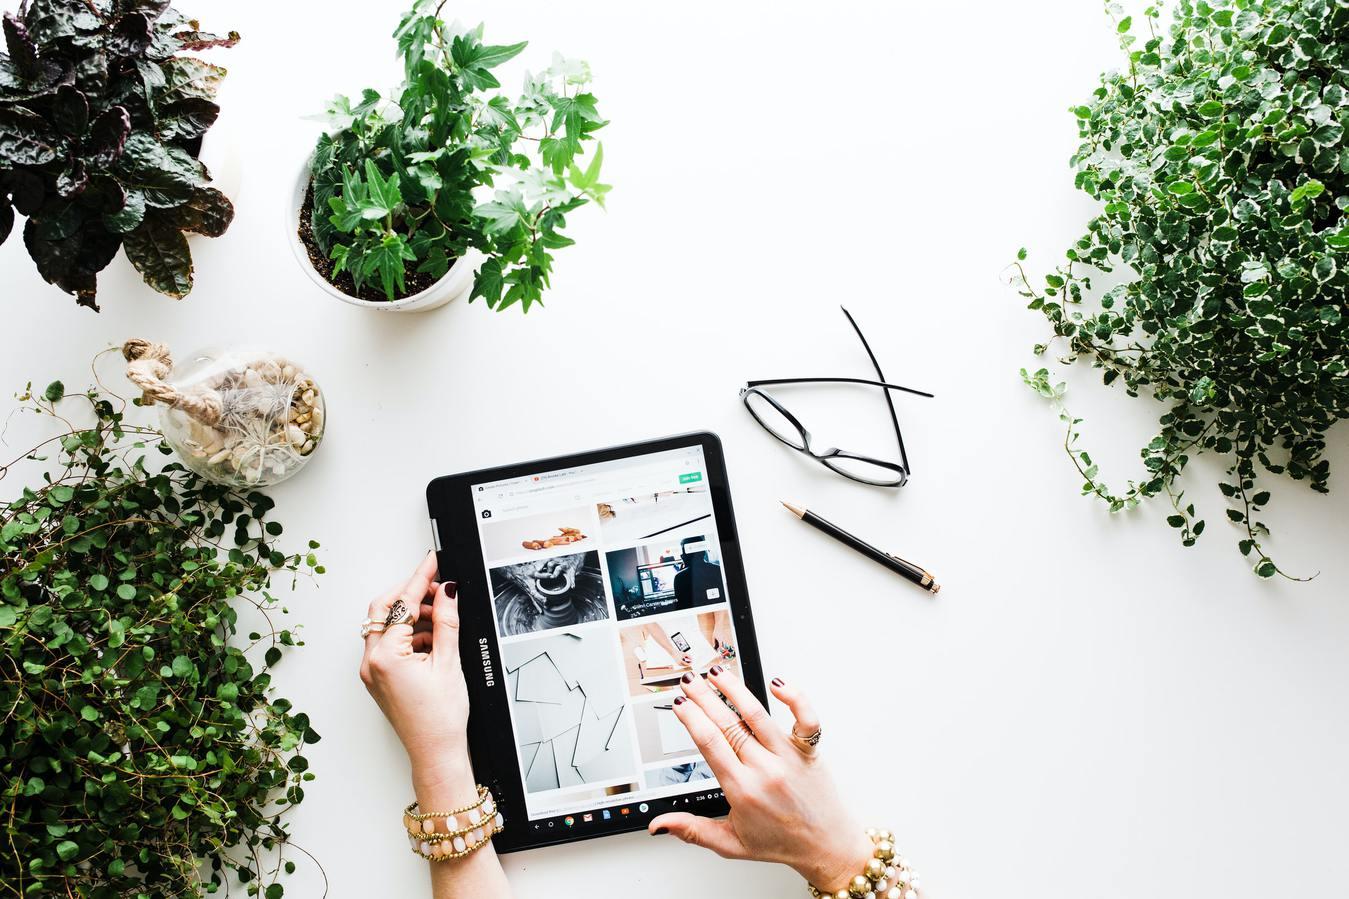 orang membuka toko online di tablet di antara tanaman